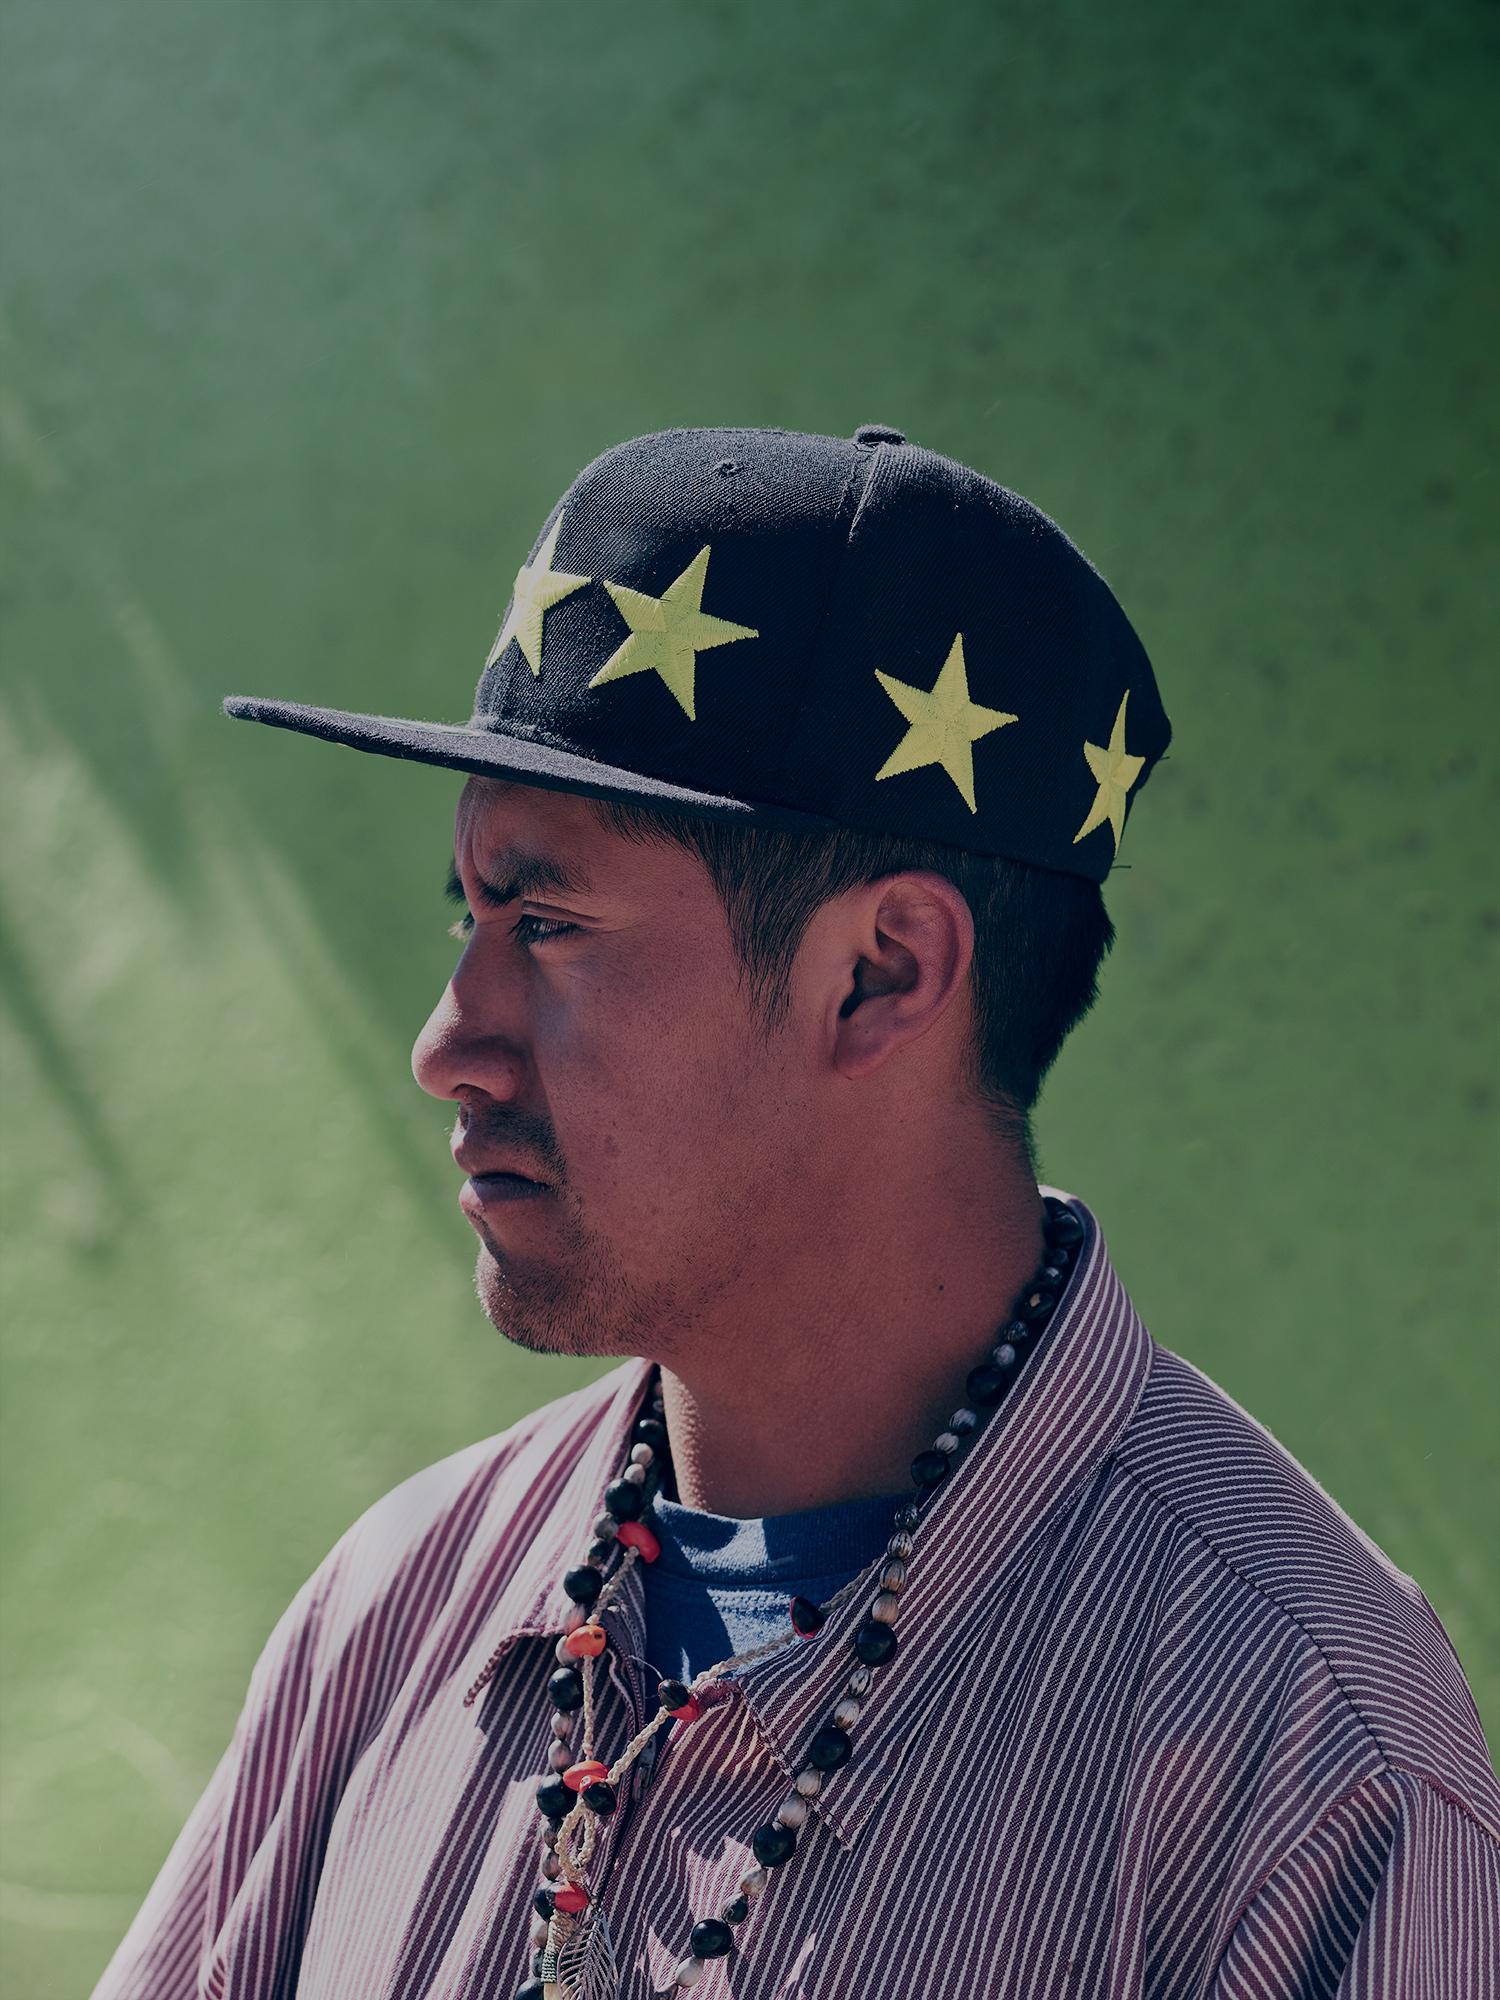 Bolivian male portrait